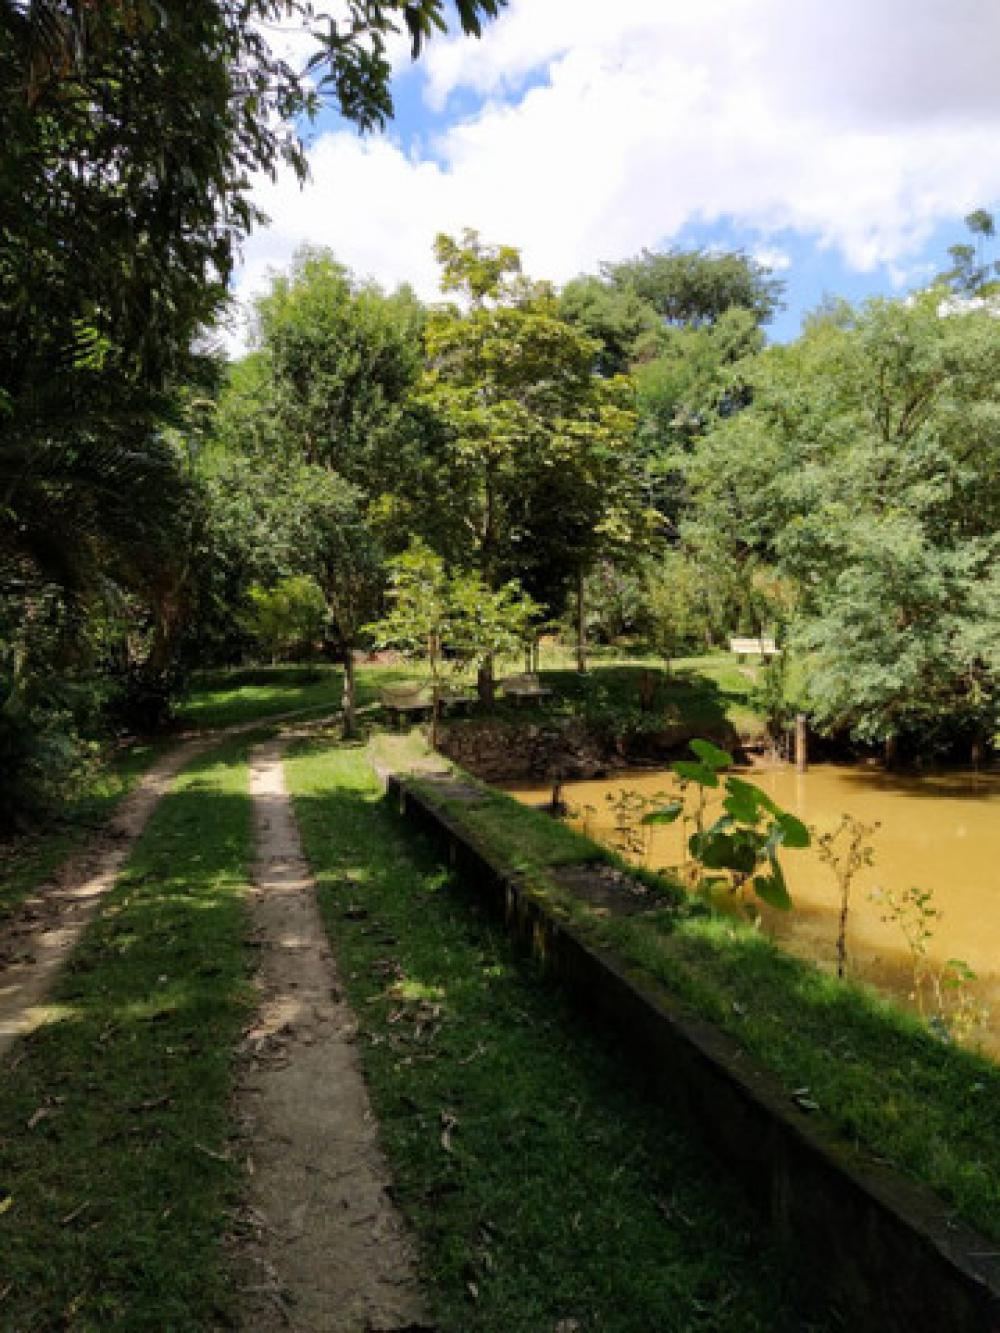 Comprar Rural / Chácara em São José dos Campos R$ 540.000,00 - Foto 4